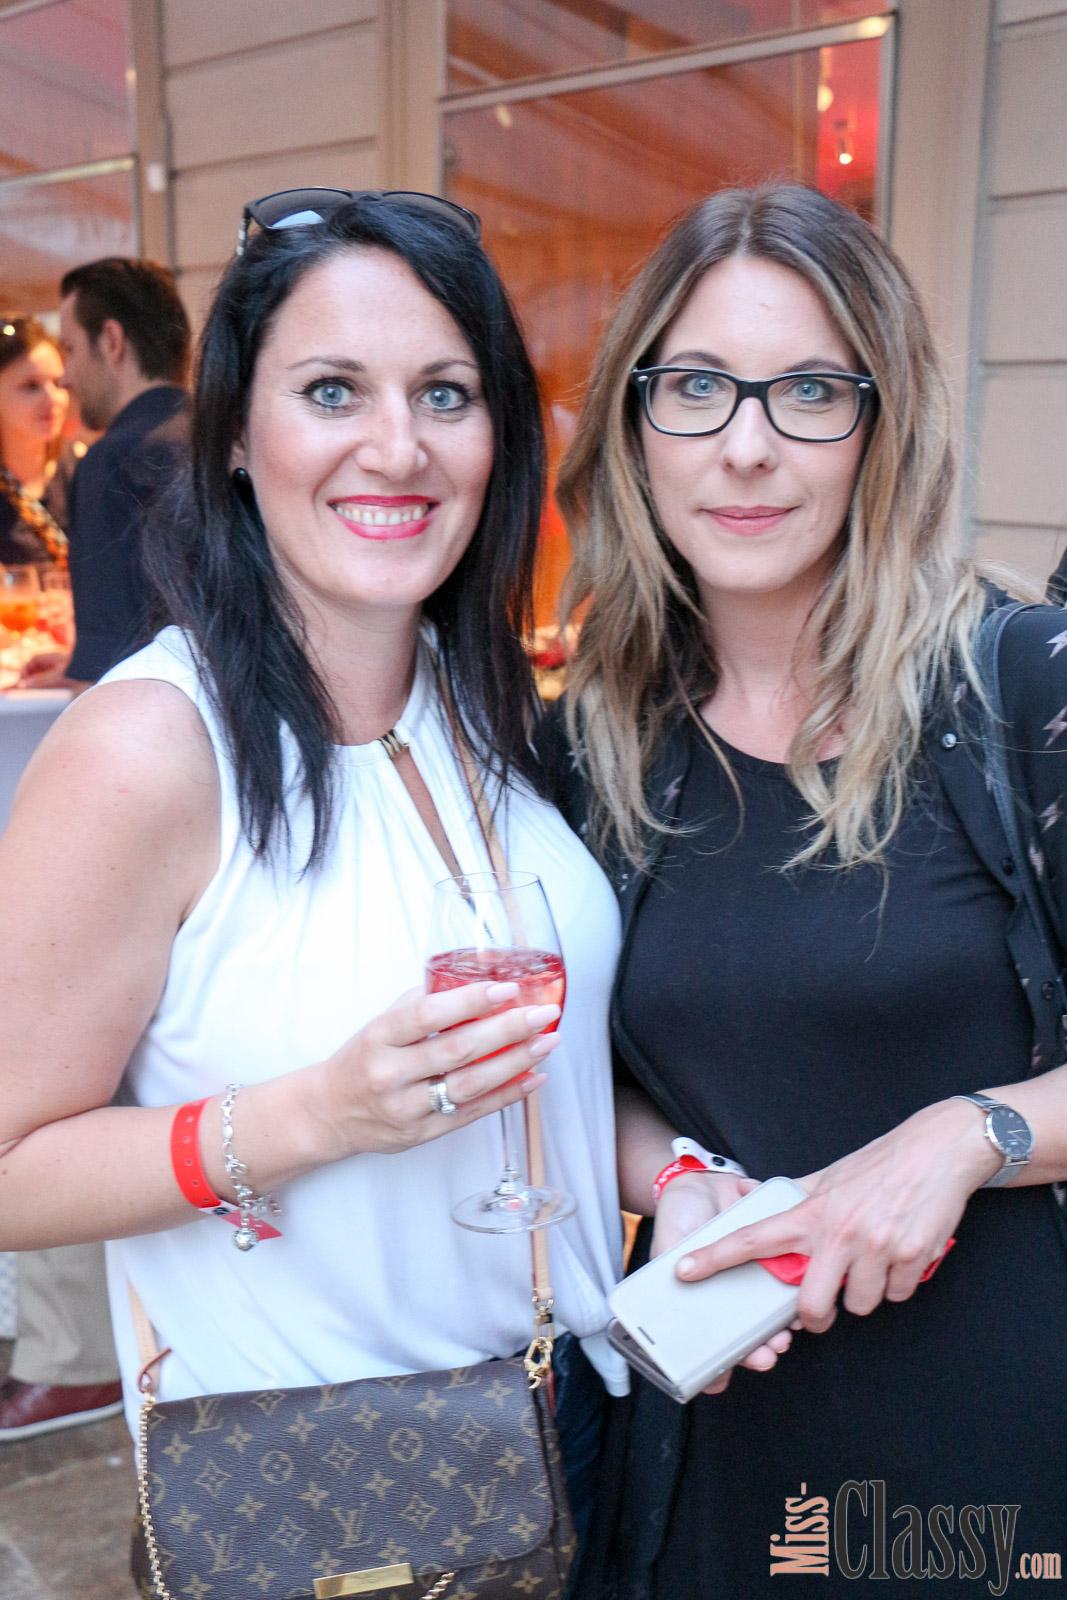 LIFESTYLE Bar Campari im Frankowitsch in Graz, Miss Classy, VIP Opening, Campari Orange, Campari Seltz, Aperitivo, Graz, Delikatessen, Brötchen, Patisserie, Grazermadl